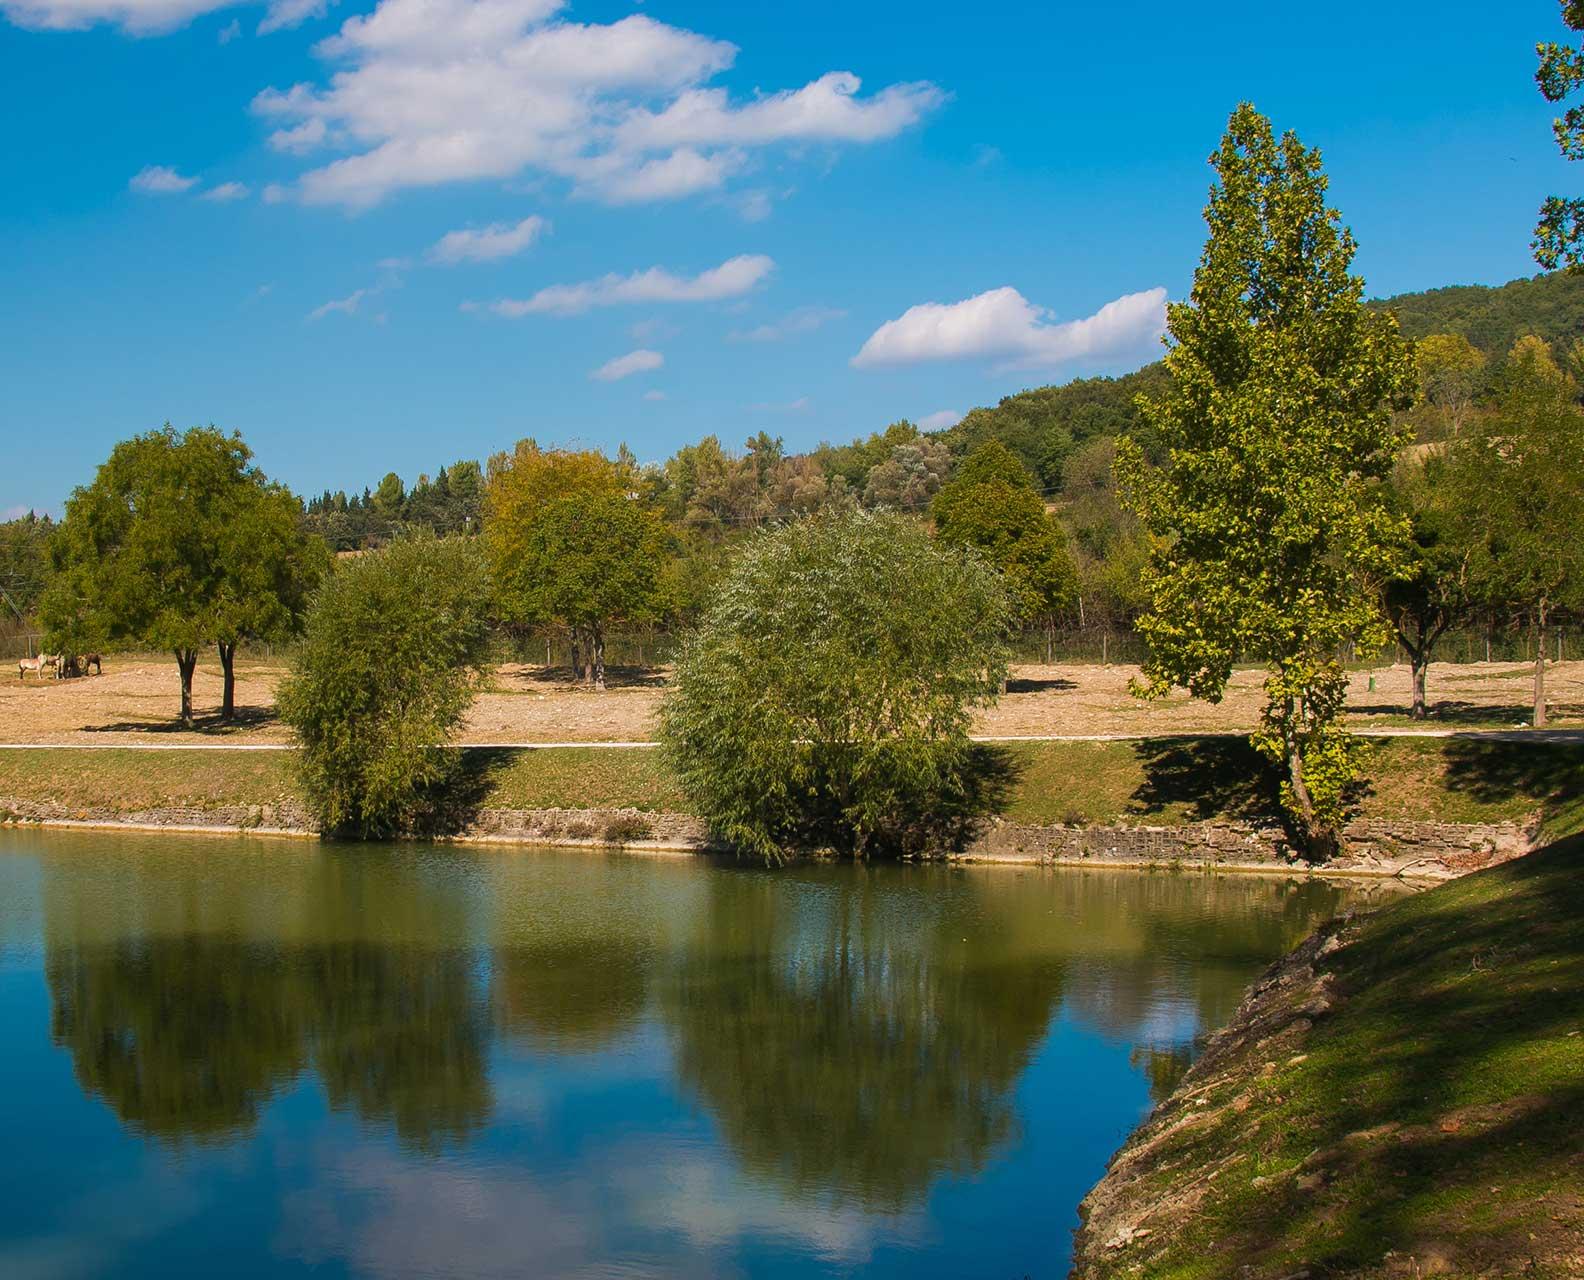 parco-fluviale-del-tevere-todi